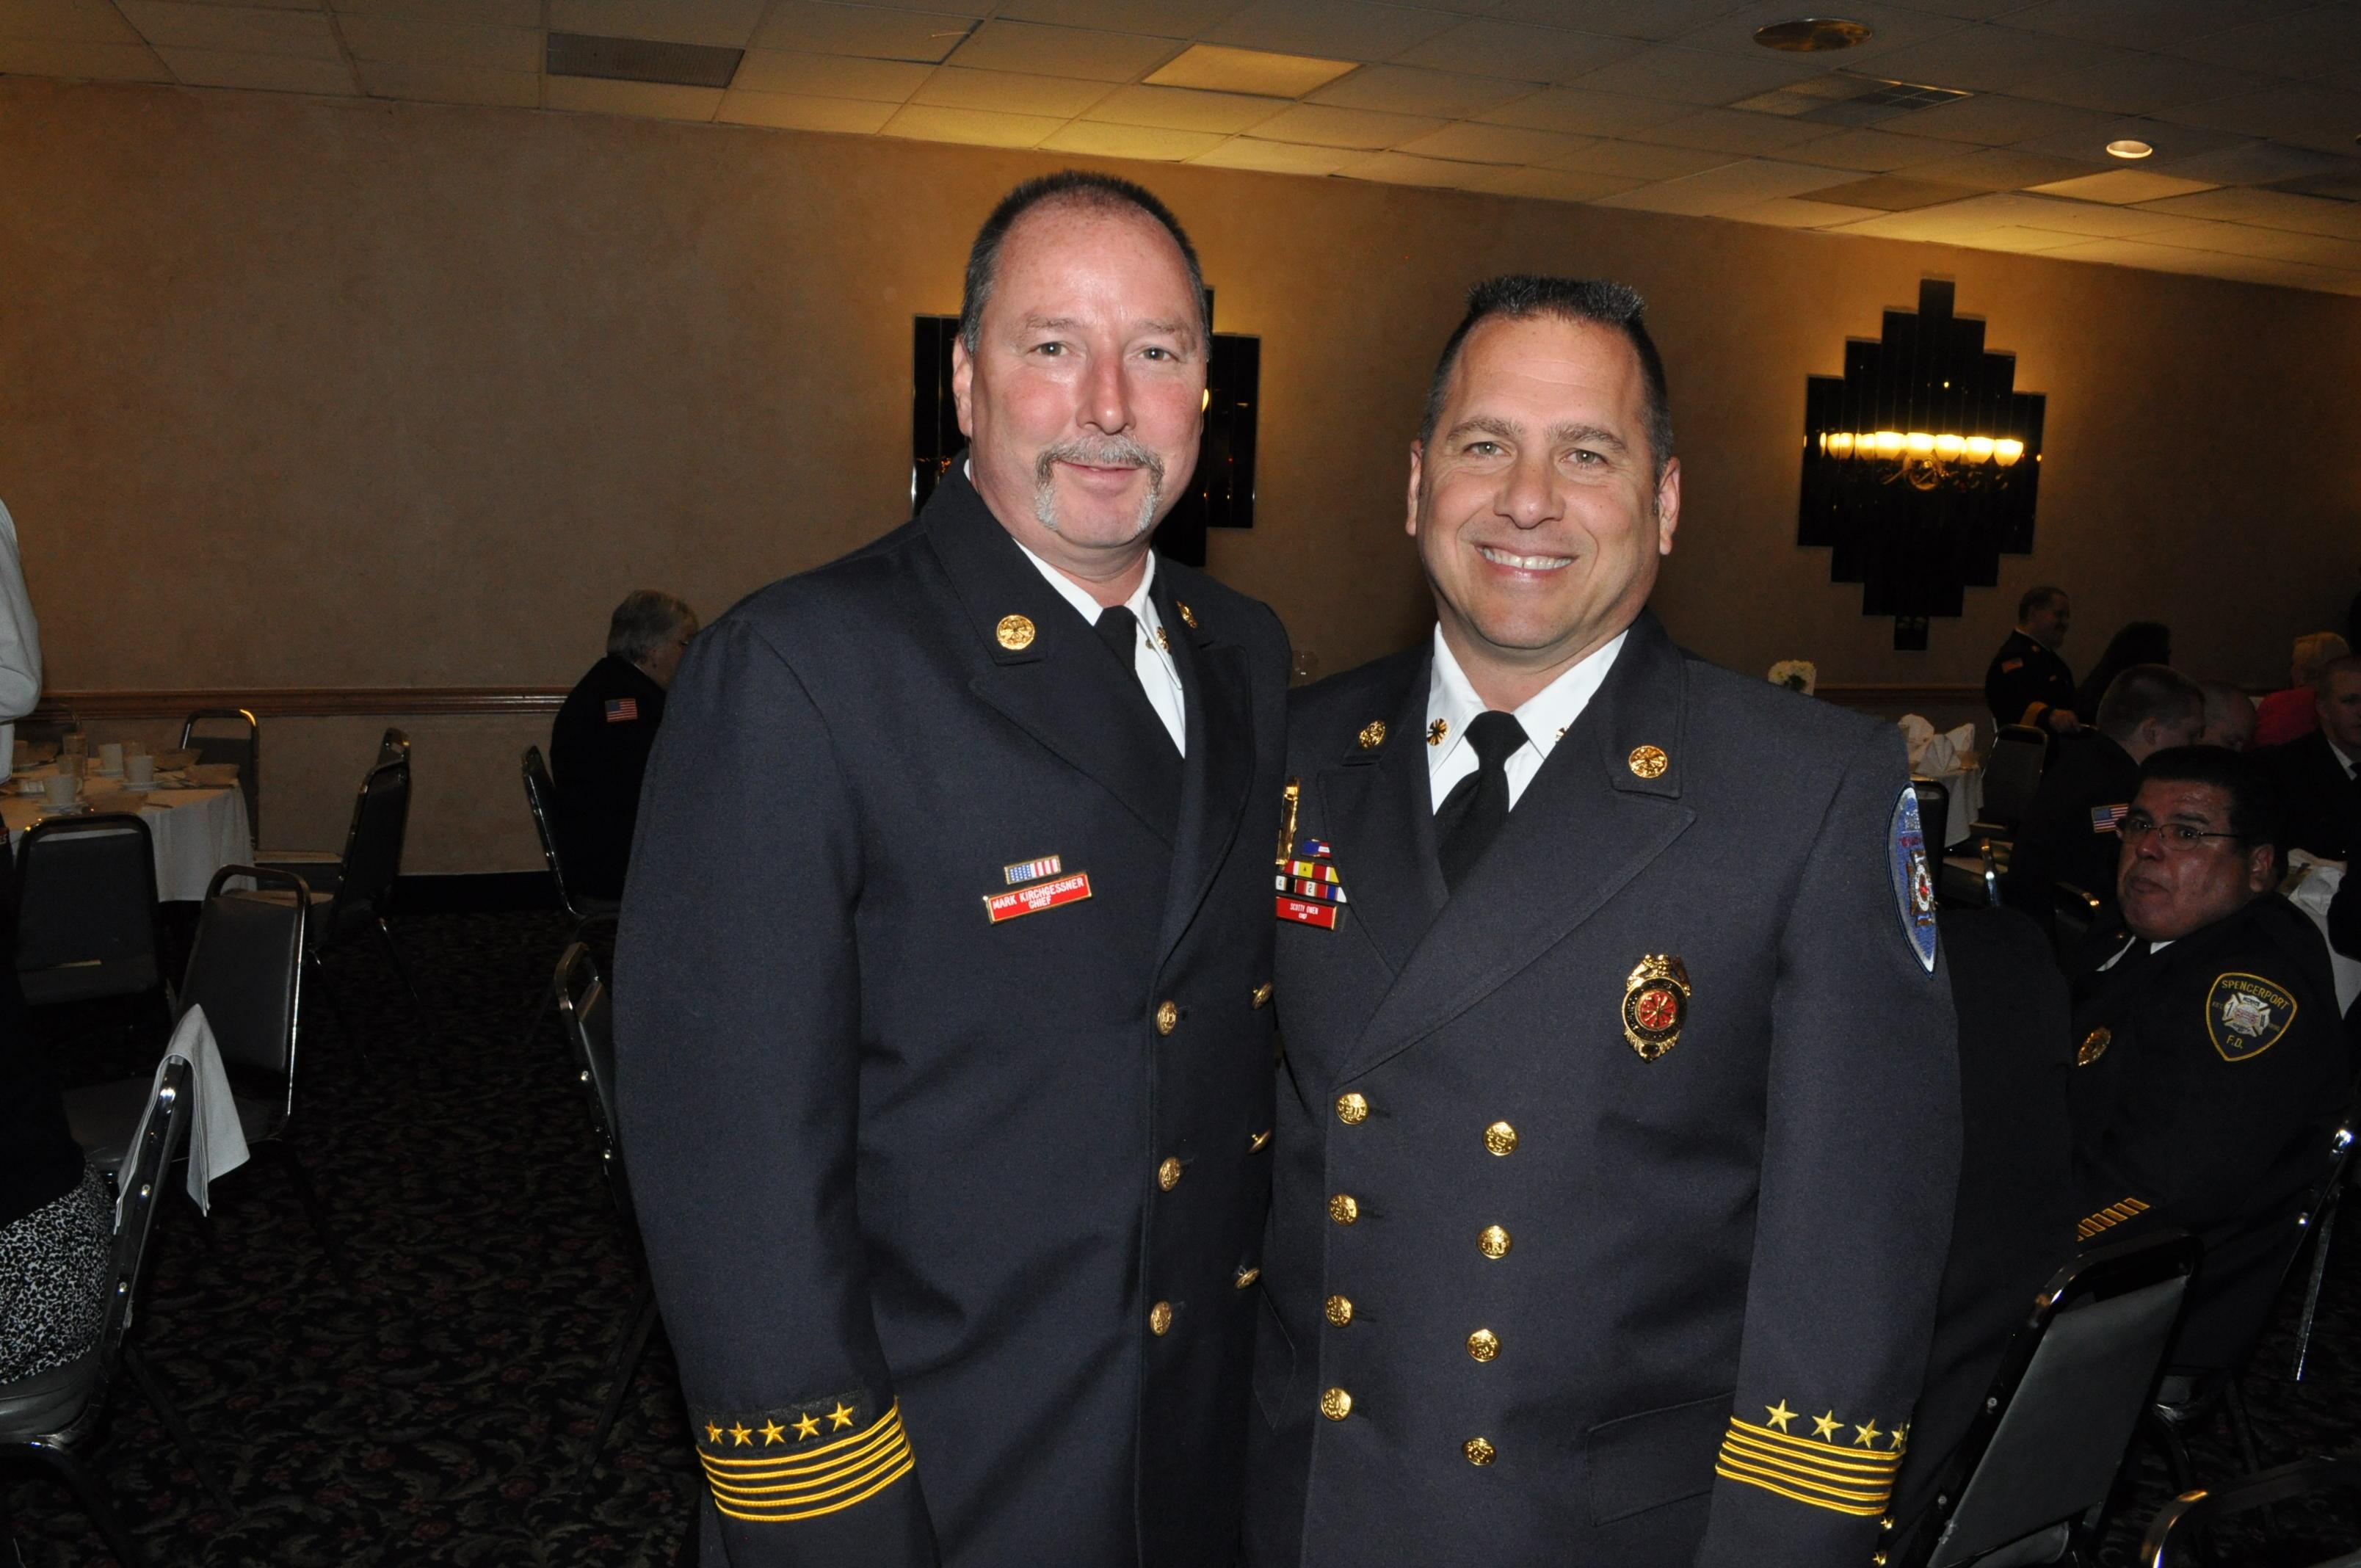 Scott Owen & Mark Kirchgesser